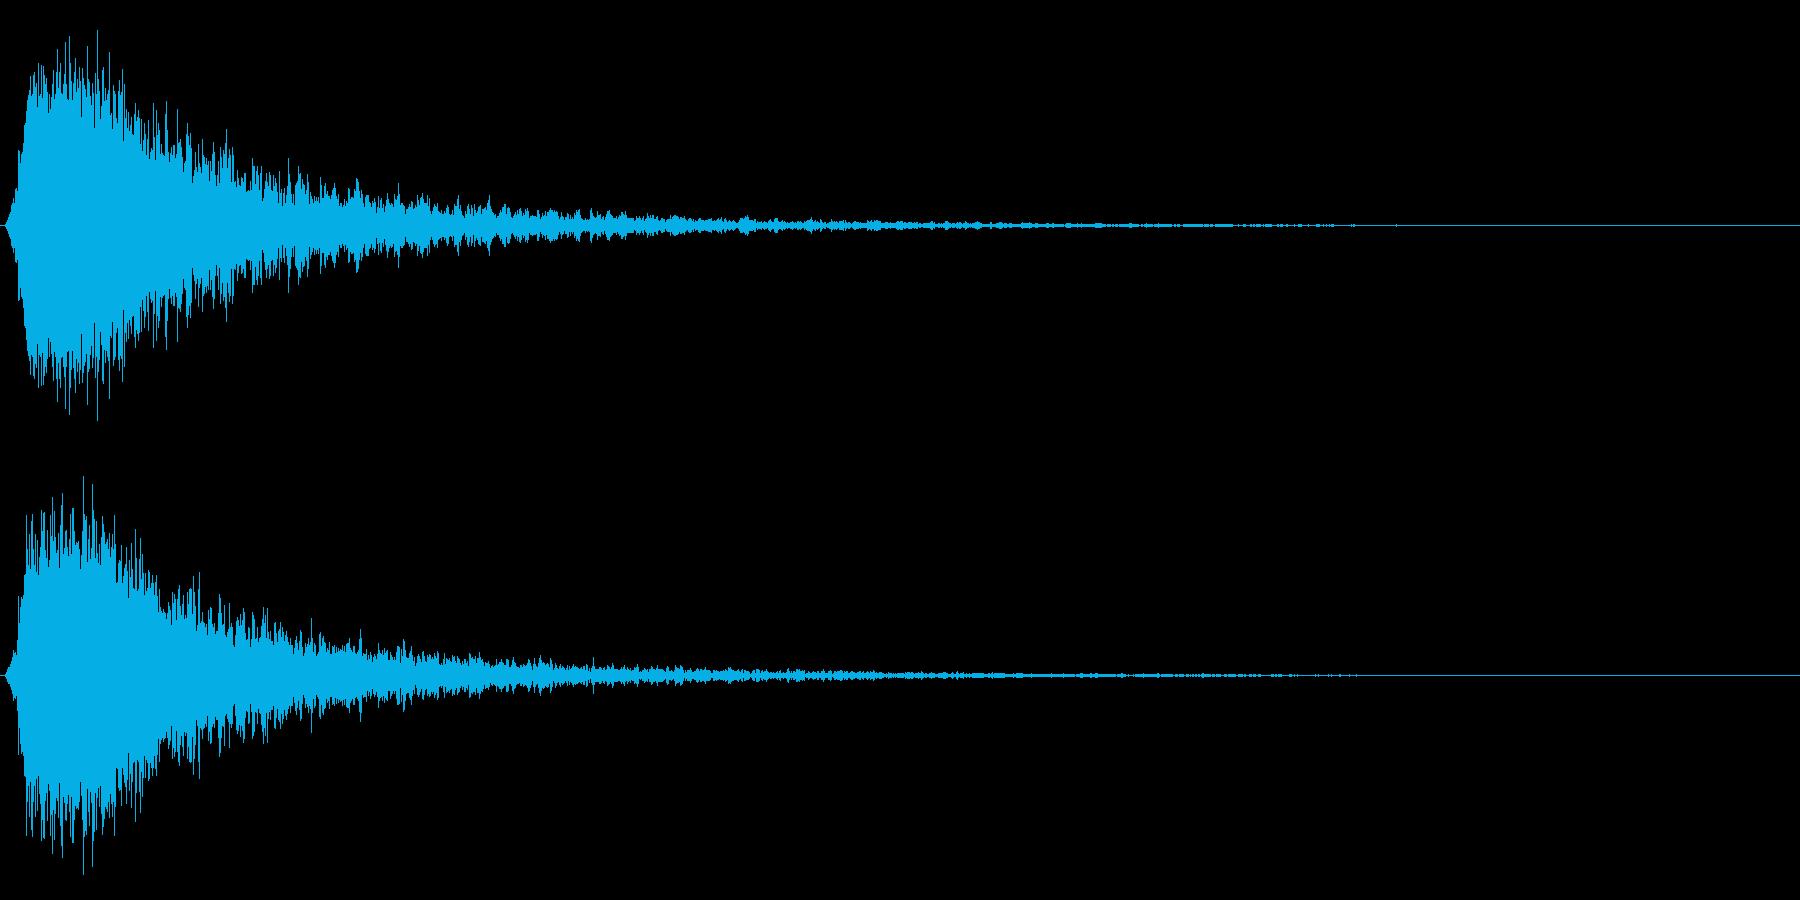 シャキーン!(強烈なインパクト効果音)3の再生済みの波形